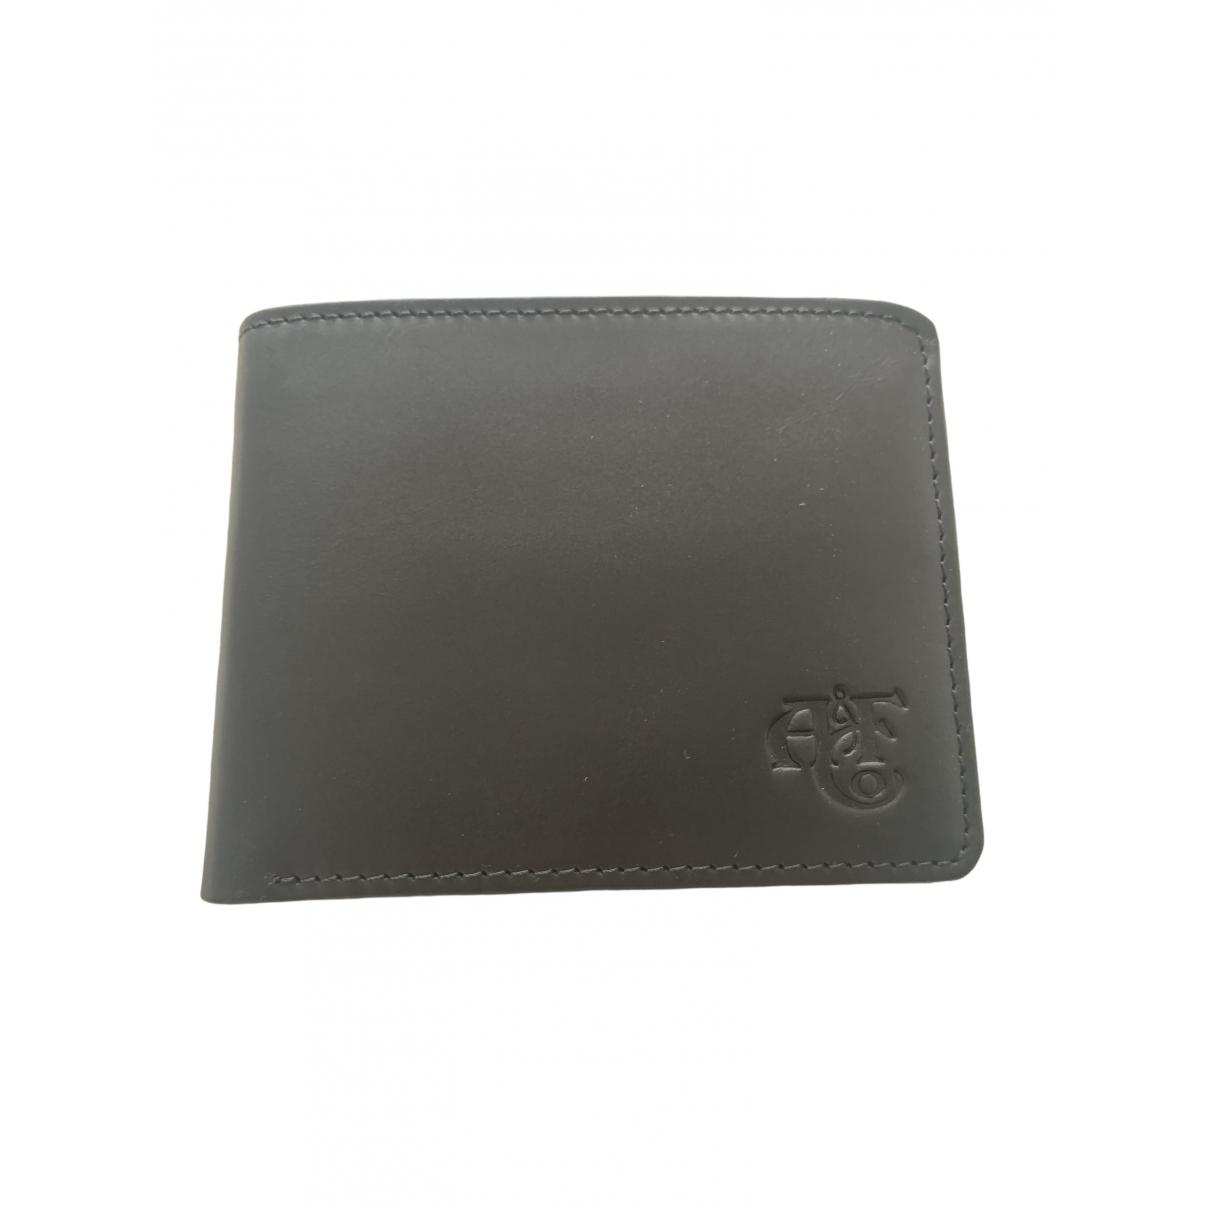 Abercrombie & Fitch \N Kleinlederwaren in  Schwarz Leder